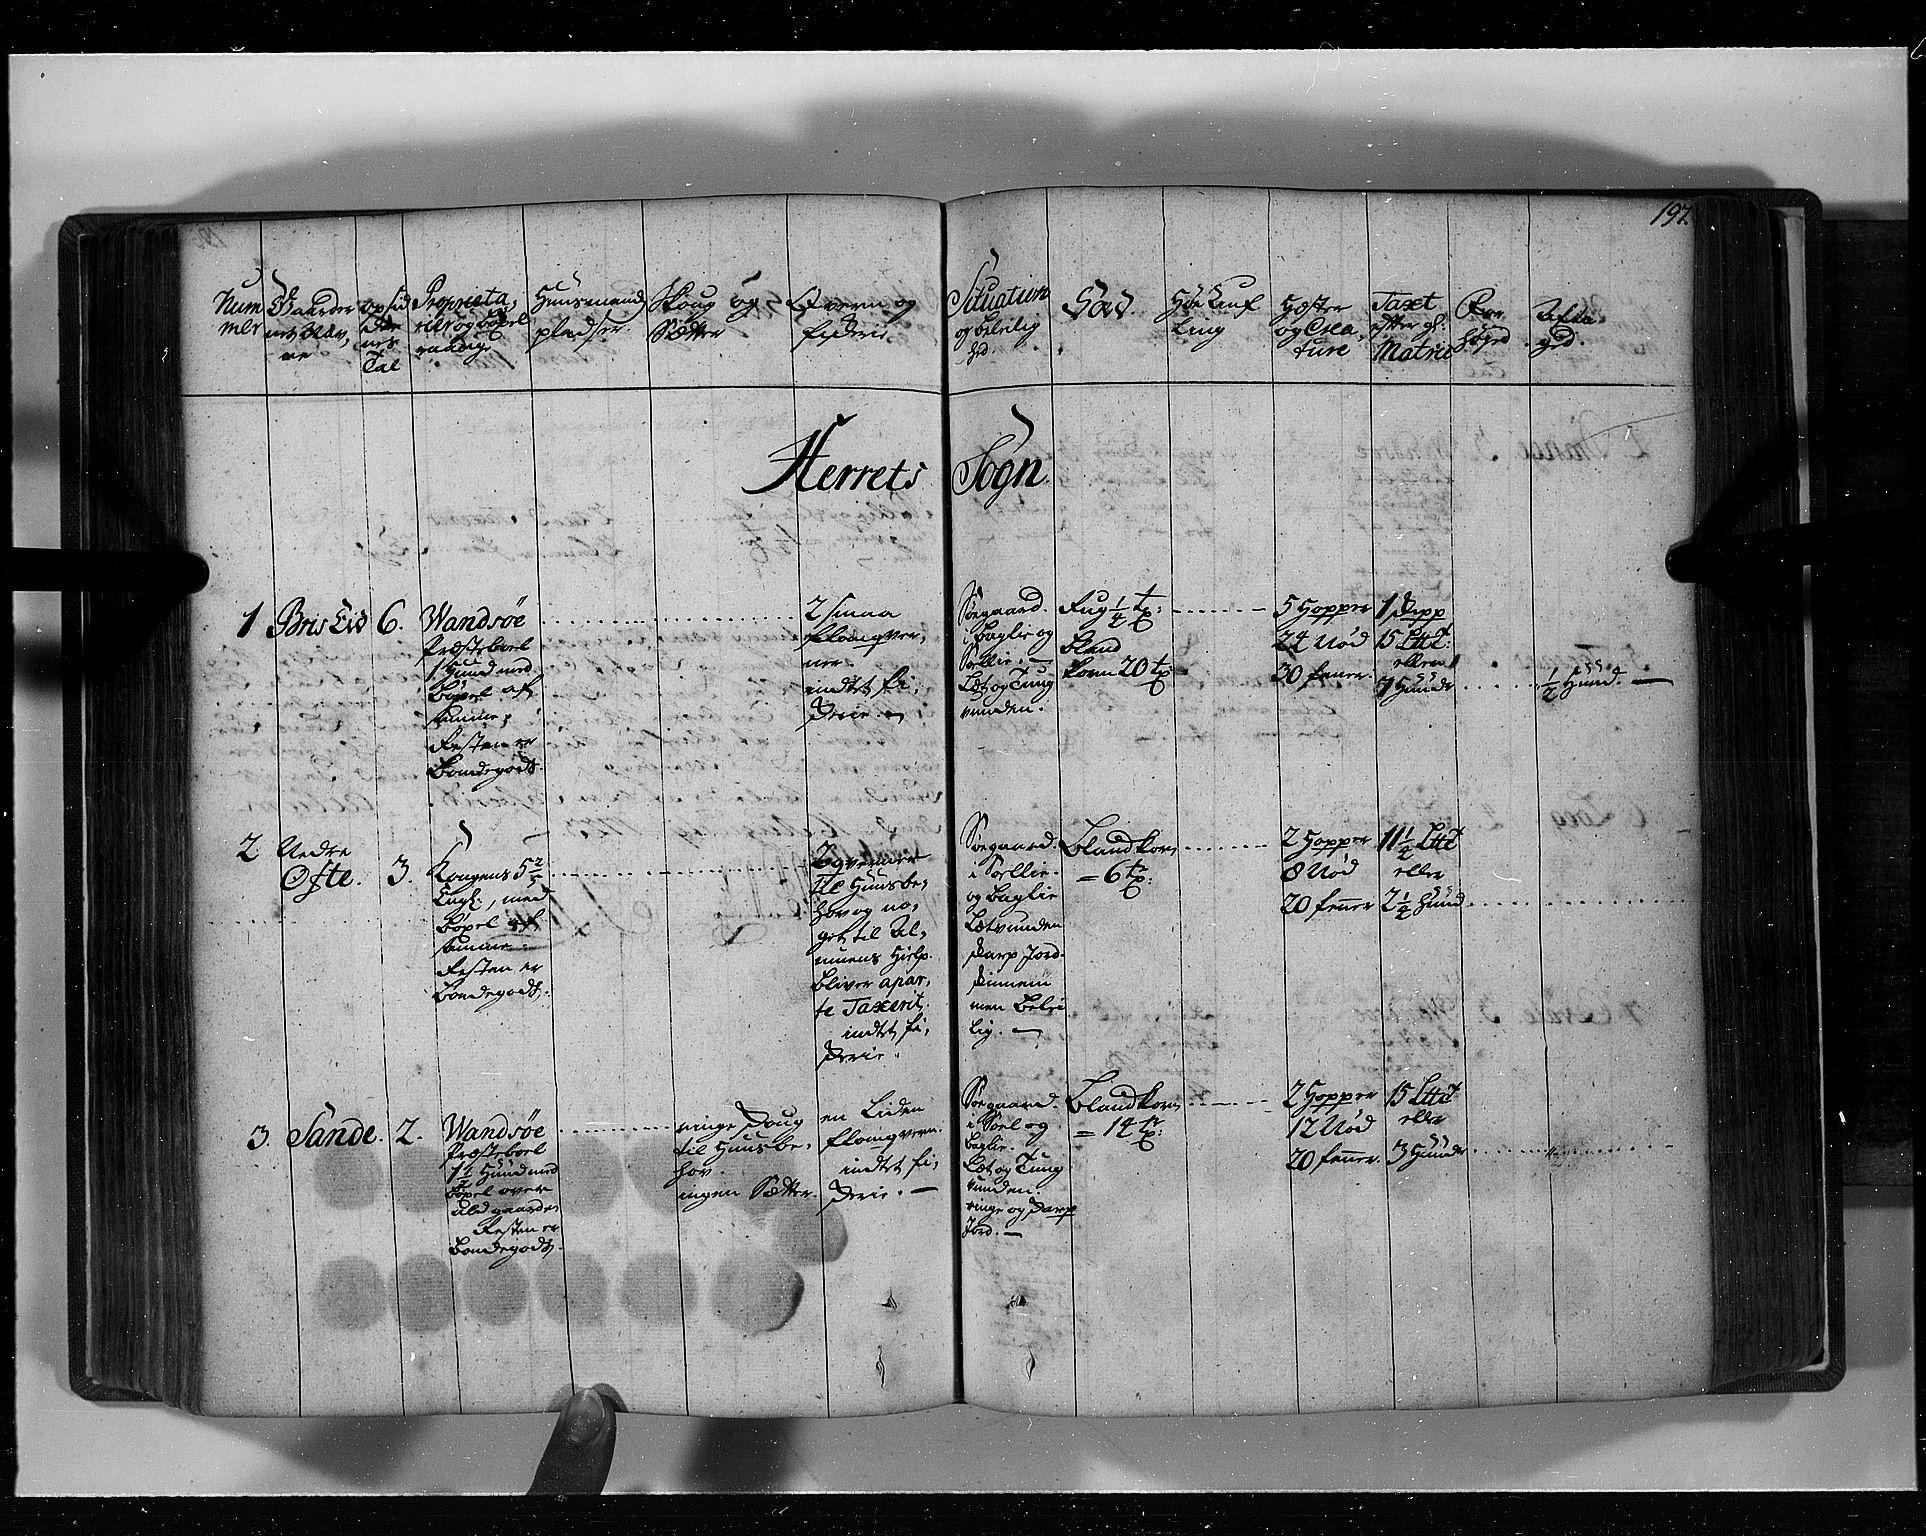 RA, Rentekammeret inntil 1814, Realistisk ordnet avdeling, N/Nb/Nbf/L0129: Lista eksaminasjonsprotokoll, 1723, s. 196b-197a